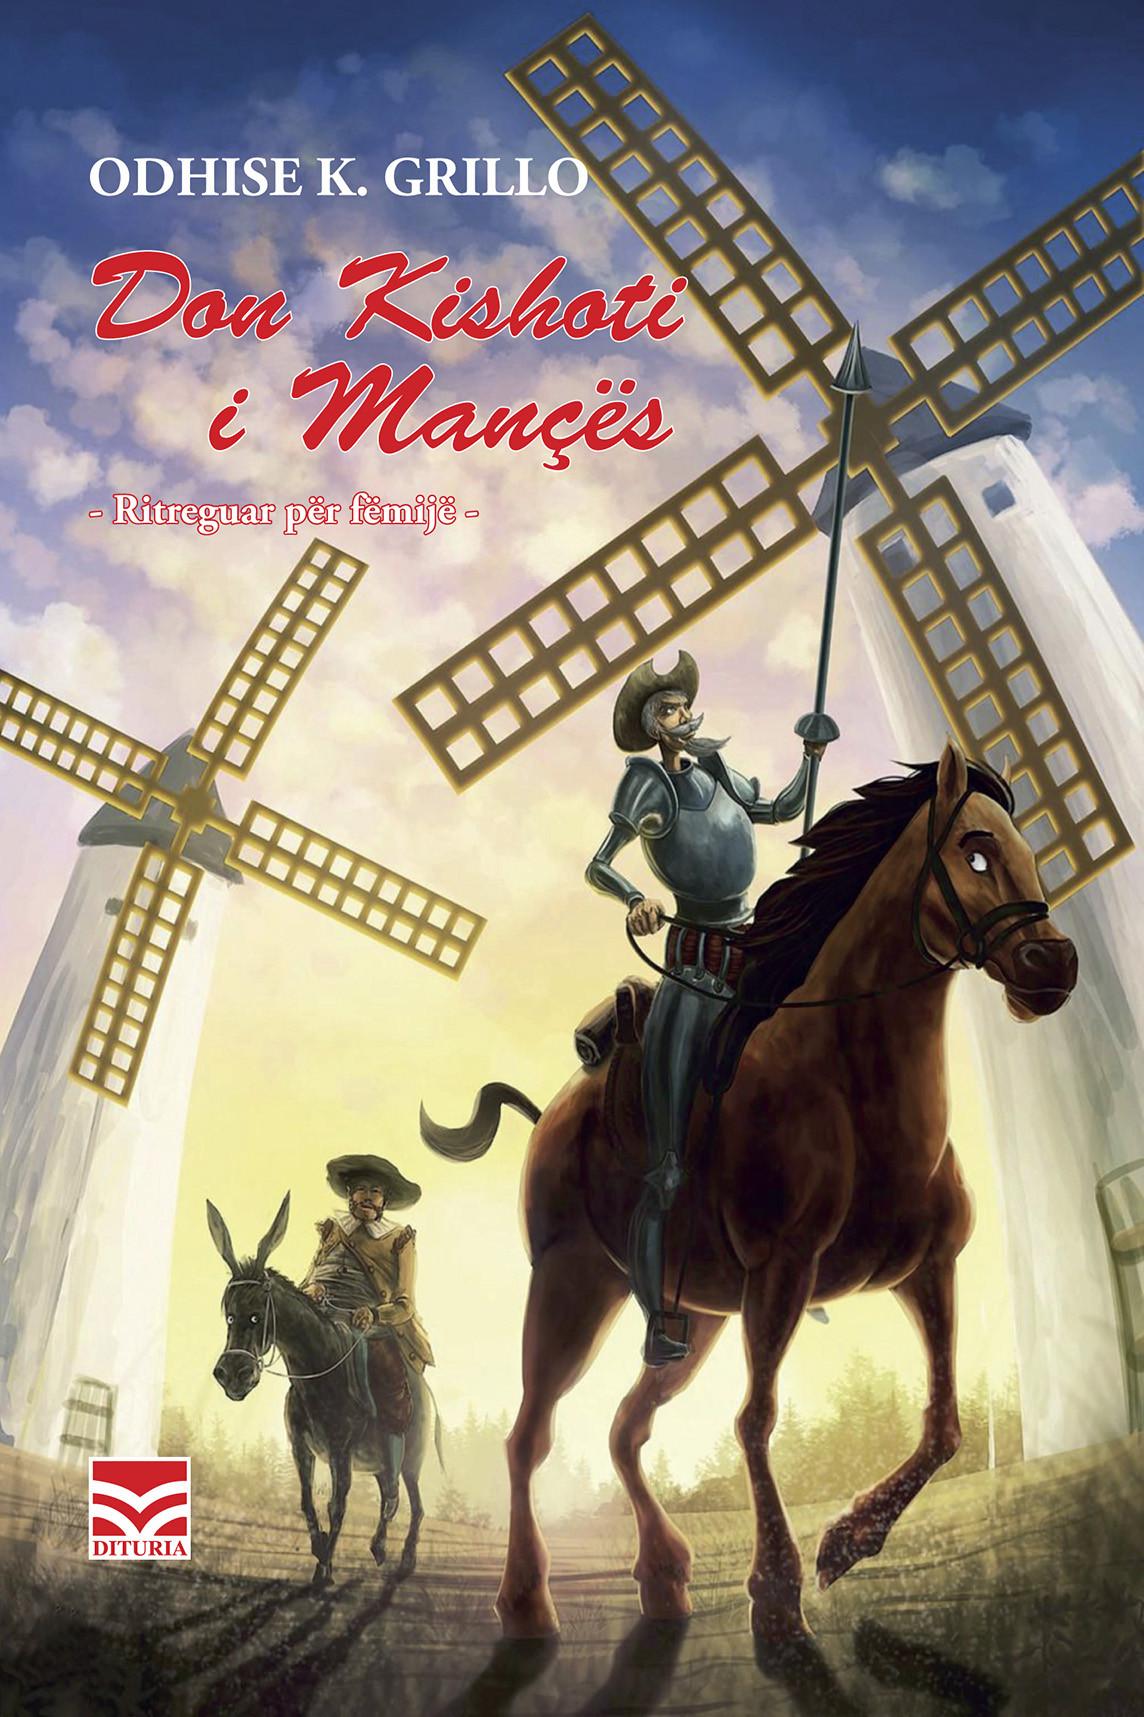 Don Kishoti i Mances, ritreguar per femije